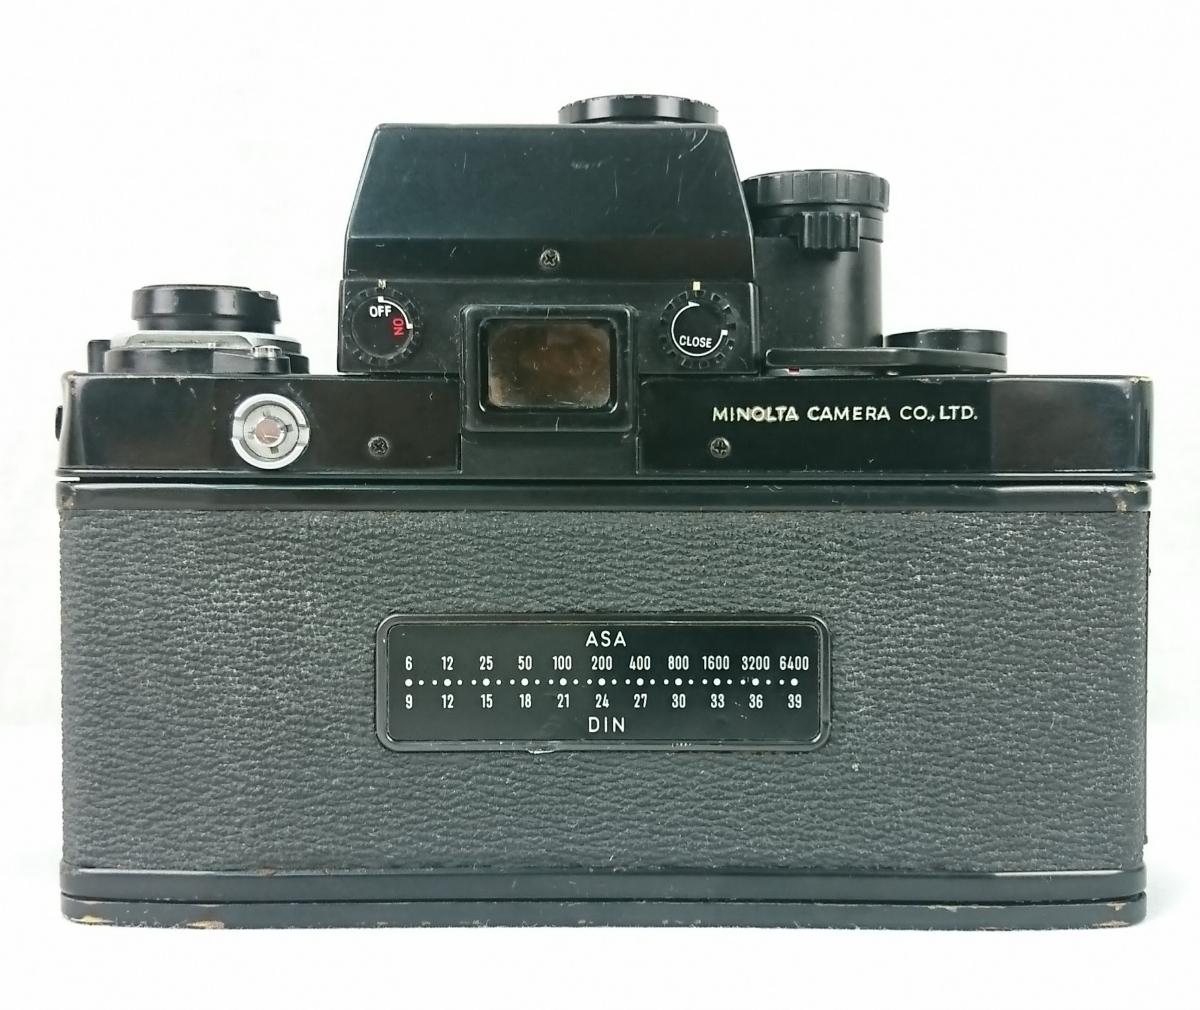 【GK-542】 名機! MINOLTA ミノルタ X-1 一眼レフ フィルムカメラ MC TELE ROKKOR-PF 1:2.8 f=135mm/ MC FISH-EYE ROKKOR-OK 1:2.8 f=16mm _画像5